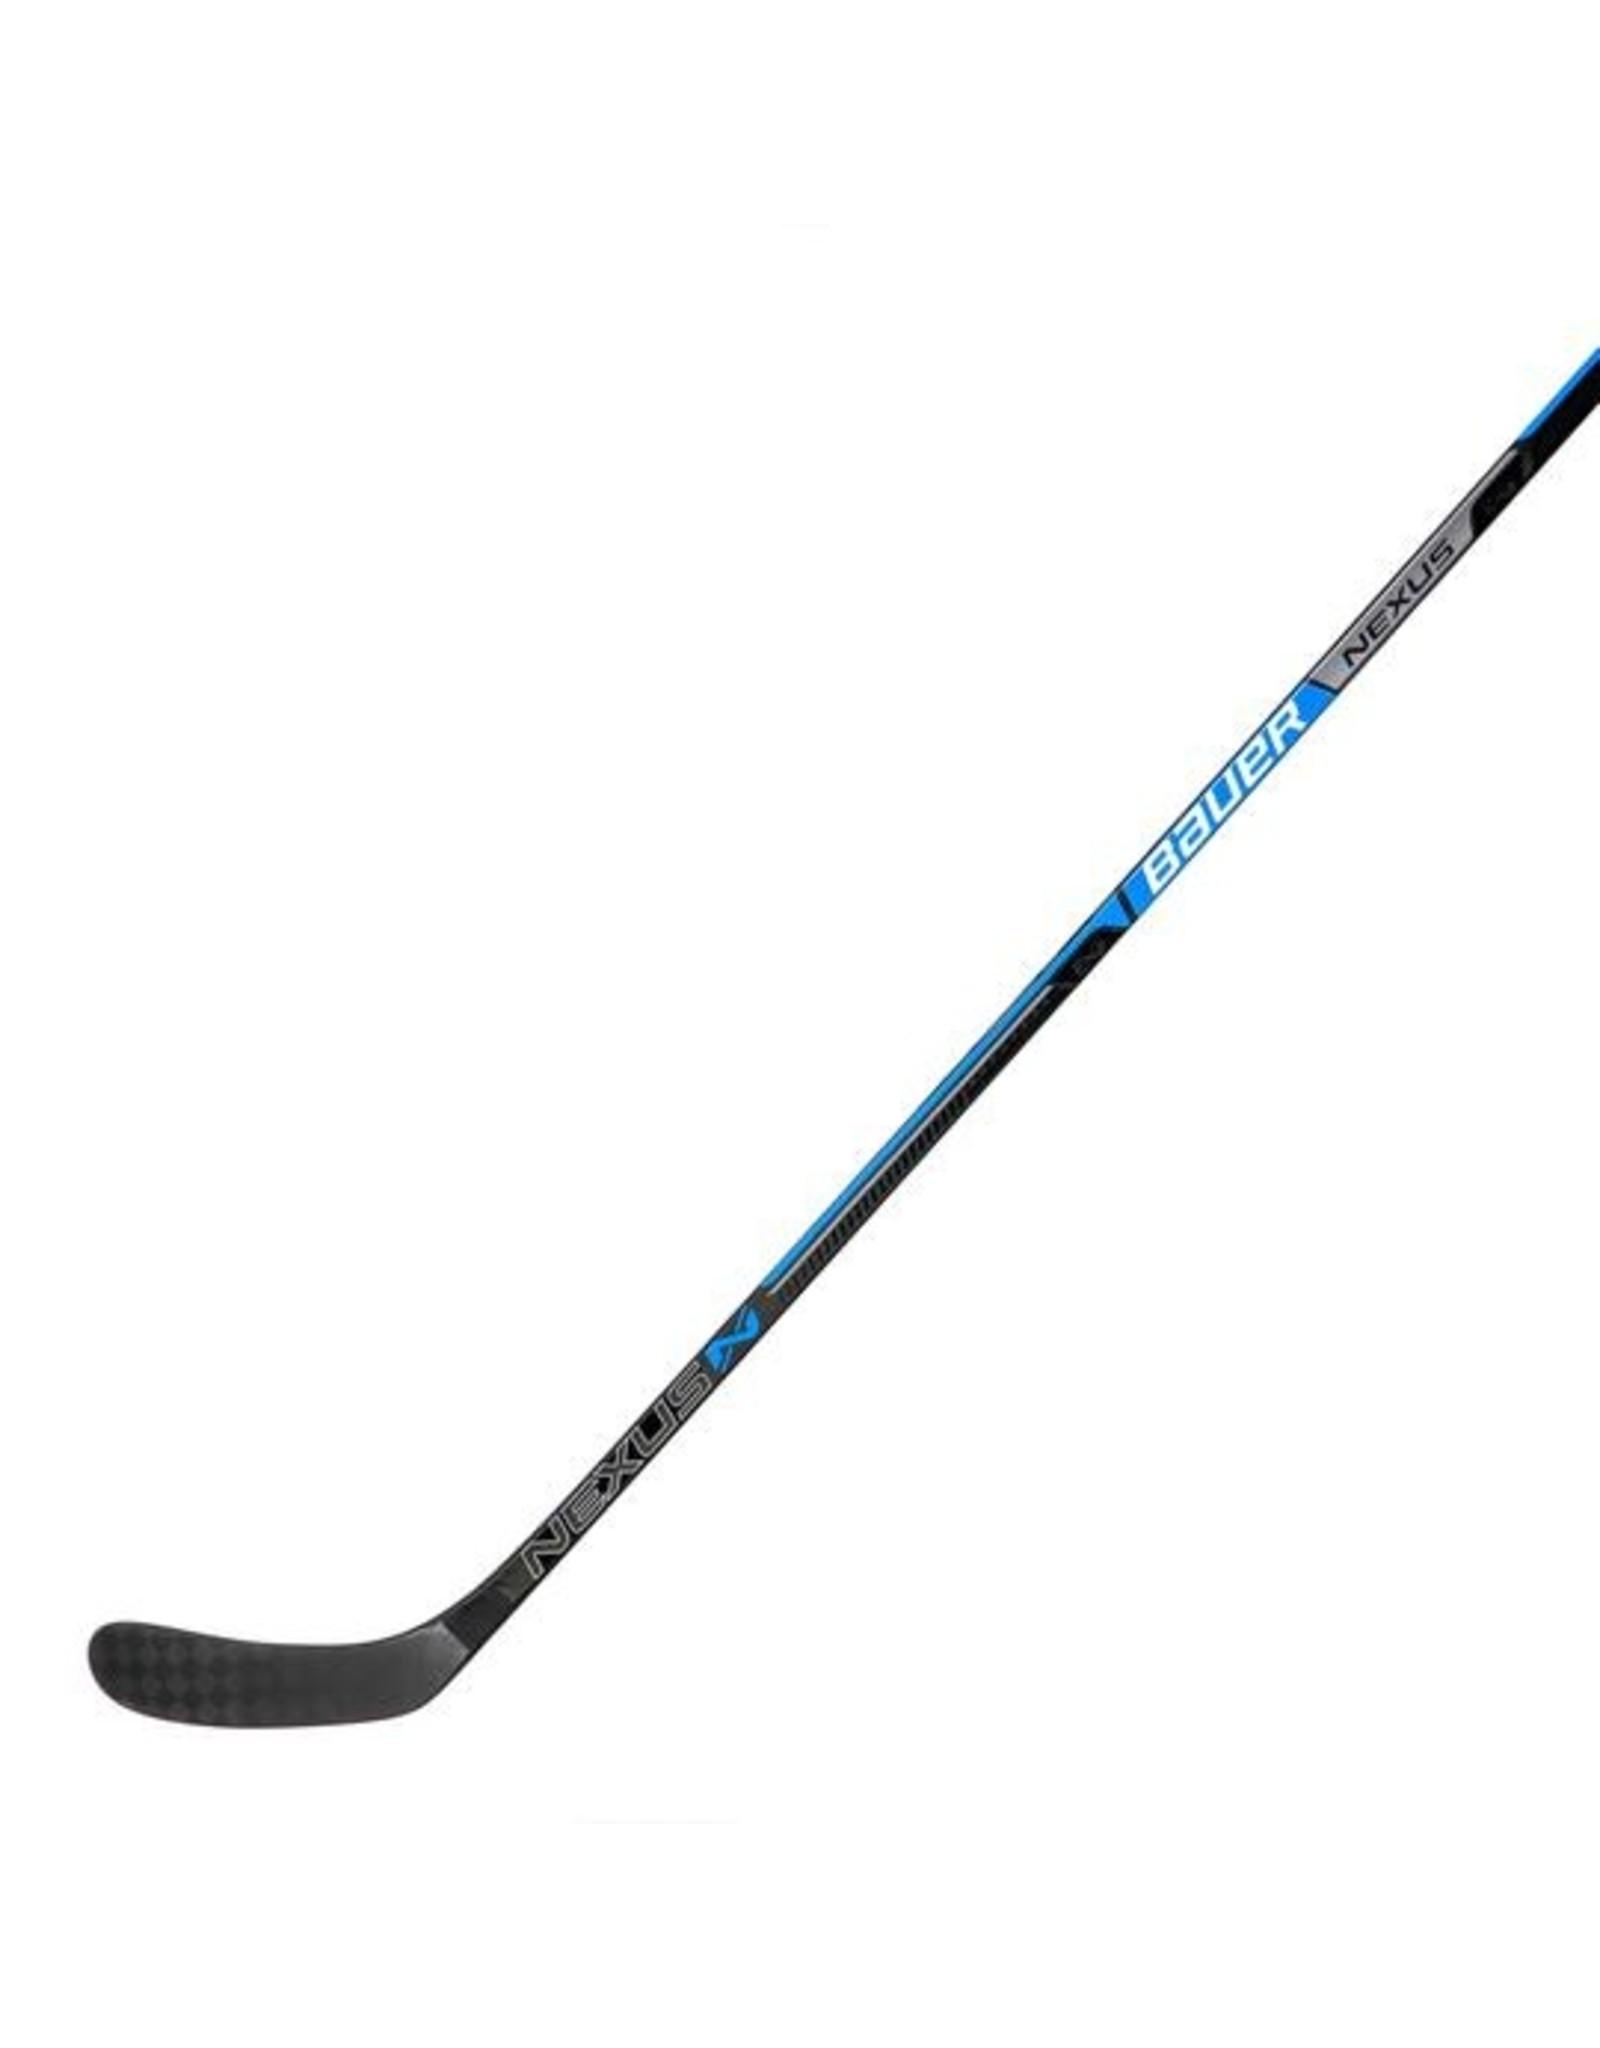 Bauer Hockey - Canada BAUER S19 NEXUS TEAM SR OPS